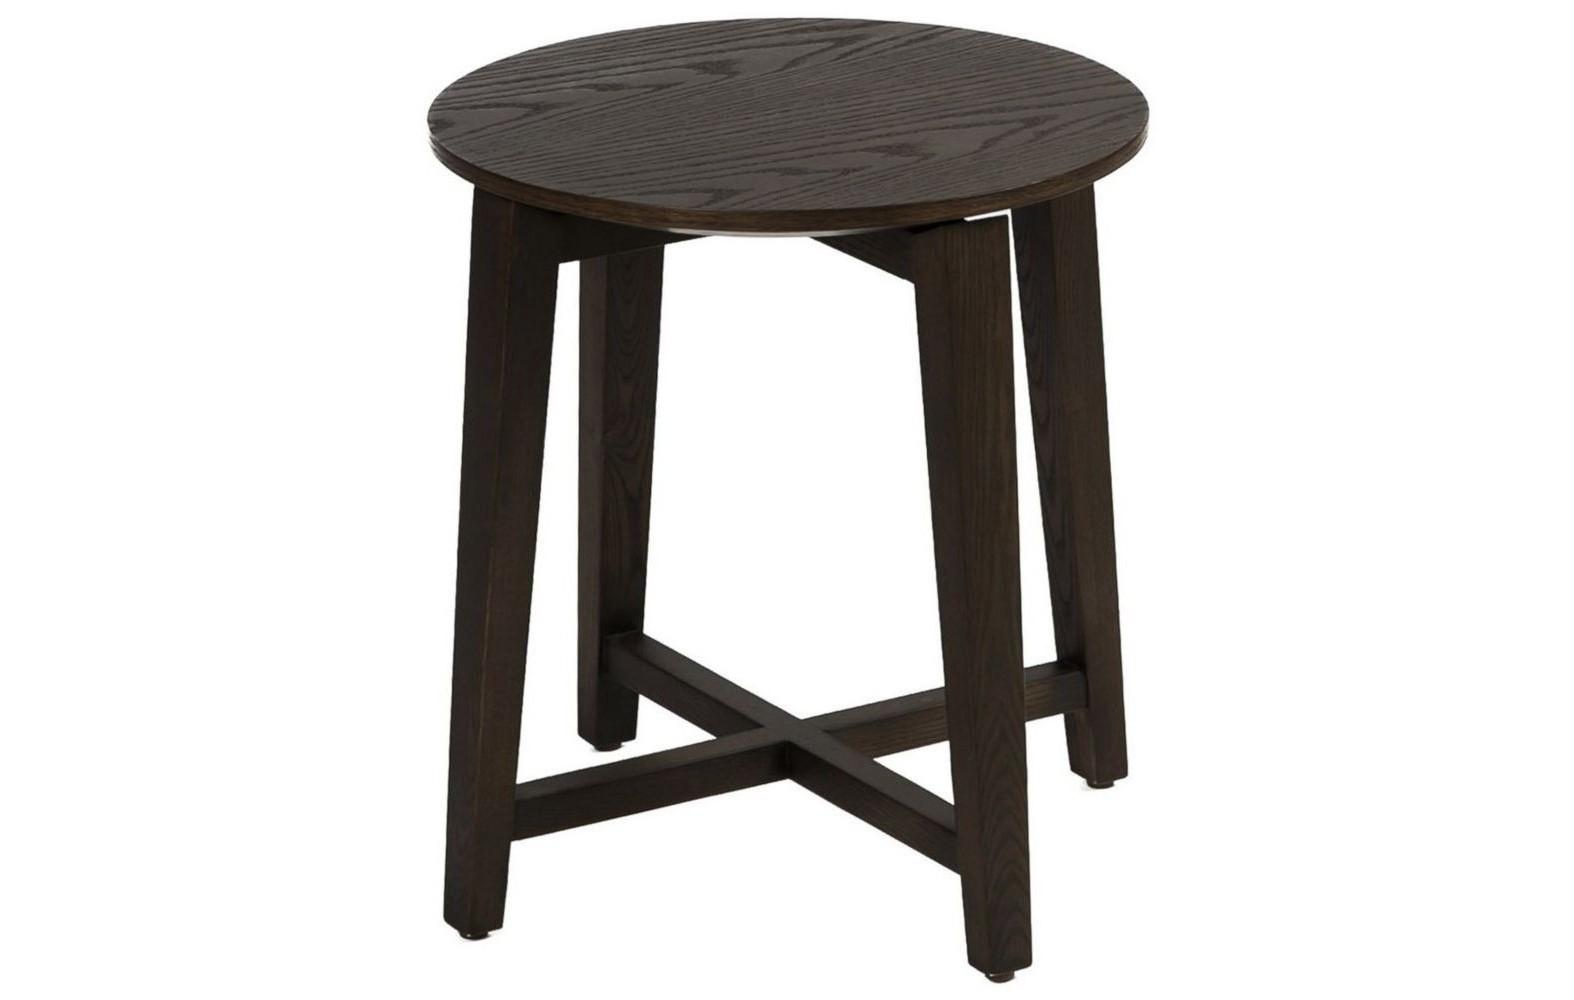 СтолПриставные столики<br>Круглая столешница с сохраненным естественным рисунком дерева, уверенно стоящая на крепких ножках – идеальный стол для строгого мужского интерьера, построенного на четких линиях и неярких оттенках. Впрочем, если в таком  пространстве появляется дама, то ему не избежать разнообразия аксессуаров, что будет вполне уместно в компании этого сдержанного стола.<br><br>Material: Дерево<br>Width см: None<br>Depth см: None<br>Height см: 46<br>Diameter см: 40